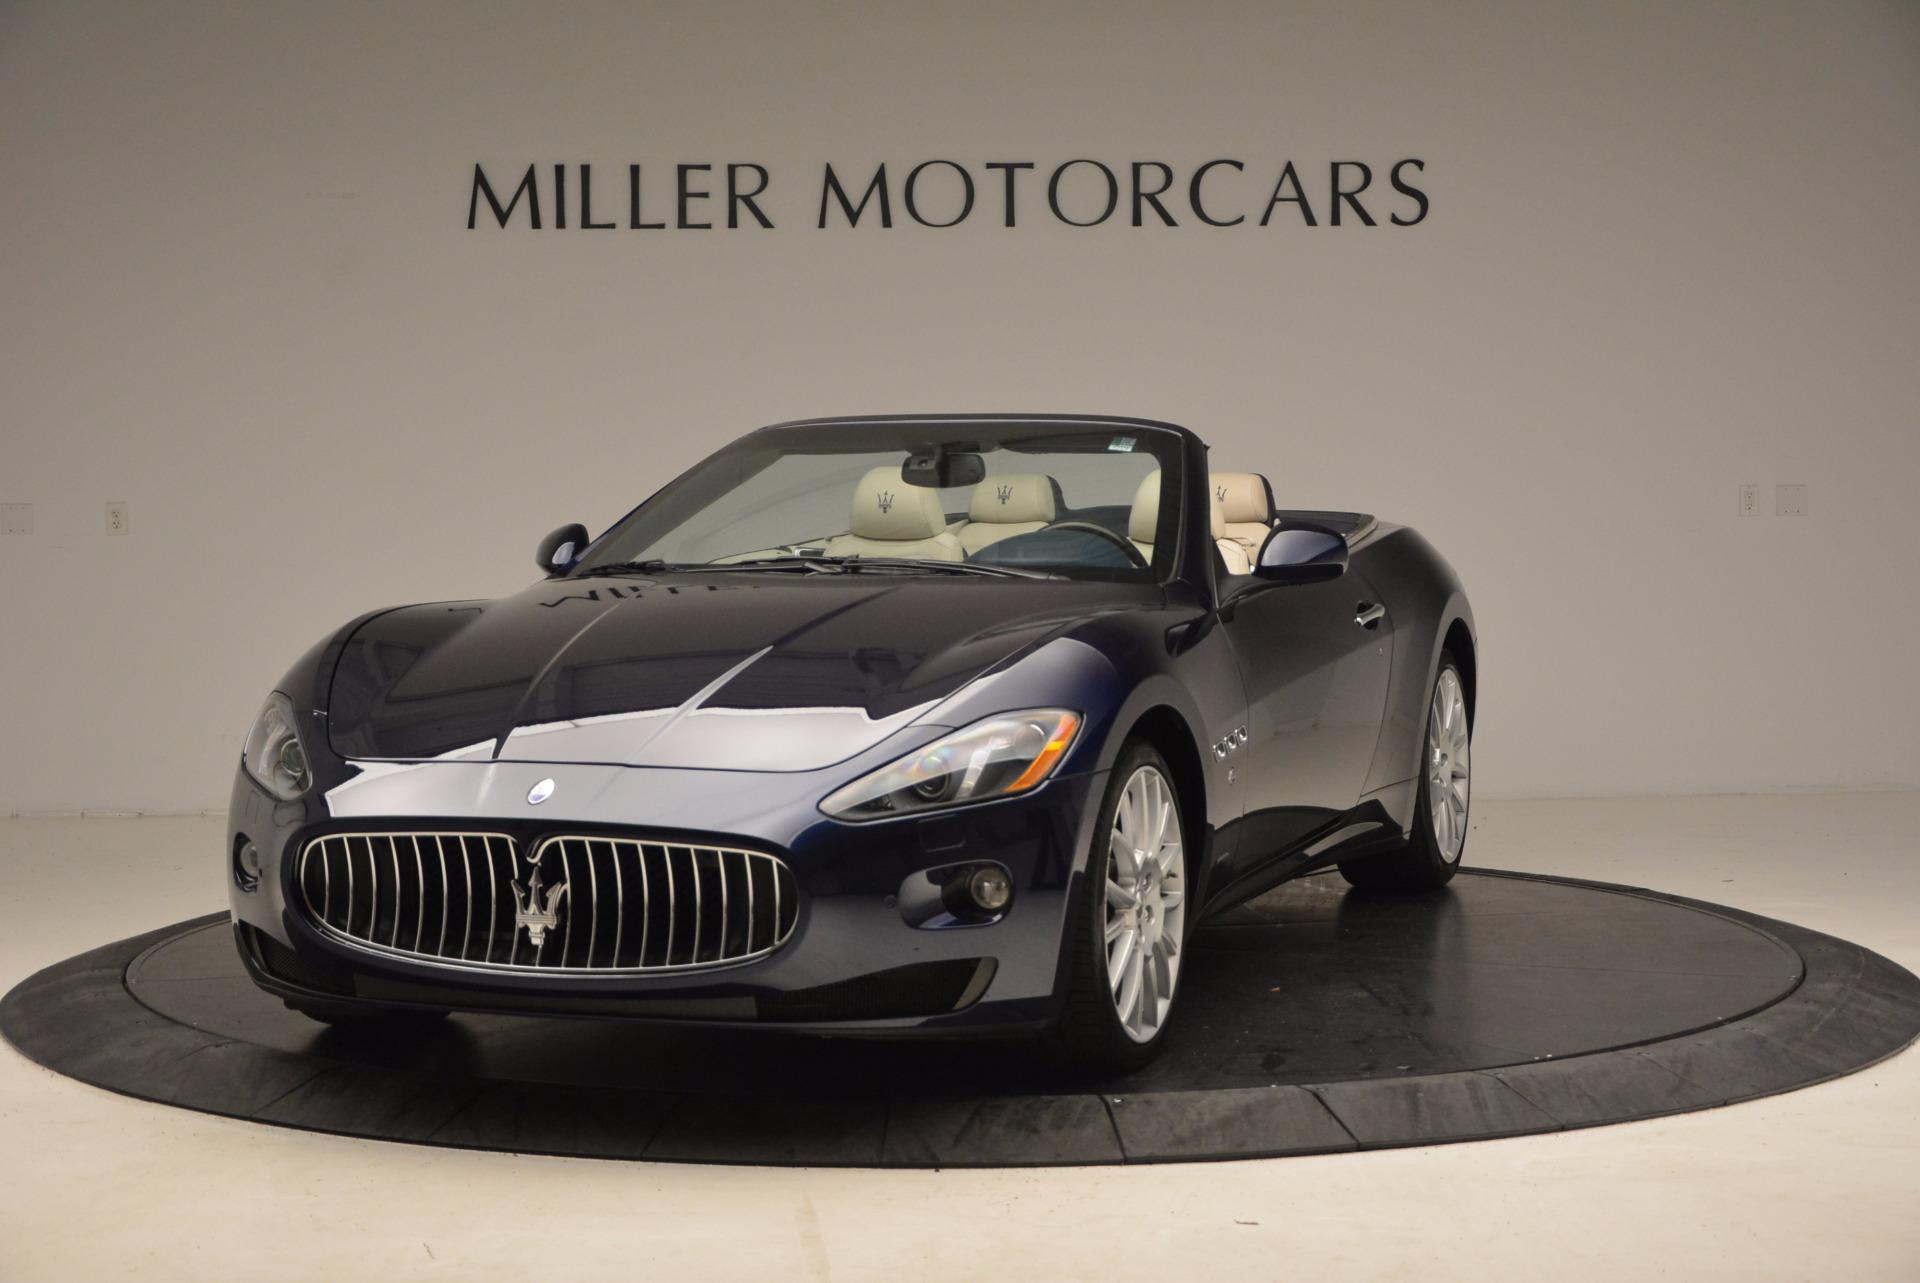 Used 2016 Maserati GranTurismo for sale Sold at Aston Martin of Greenwich in Greenwich CT 06830 1